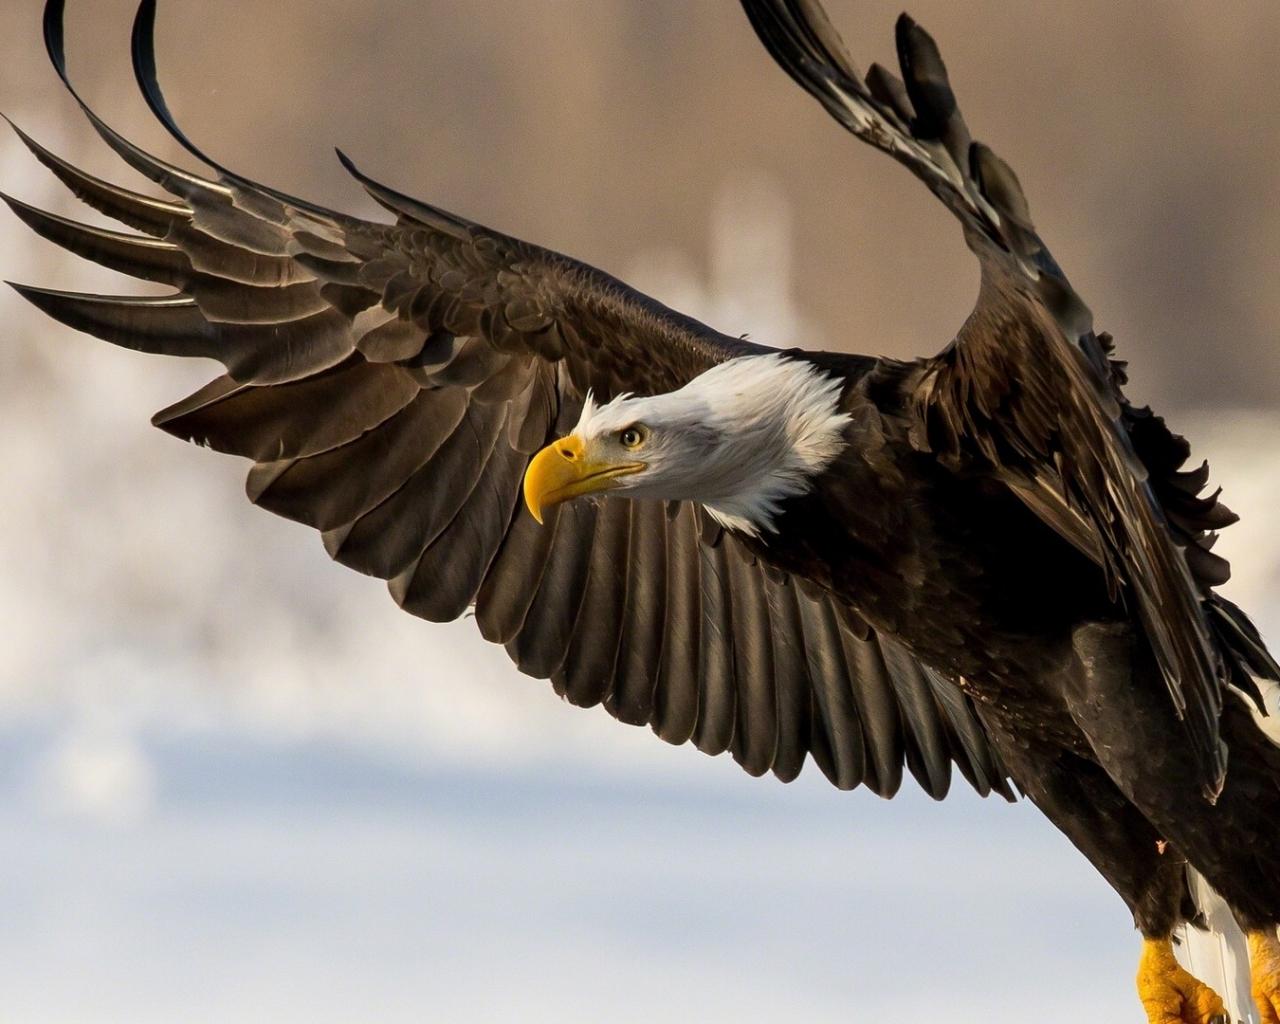 Aguila cabeza blanca - 1280x1024